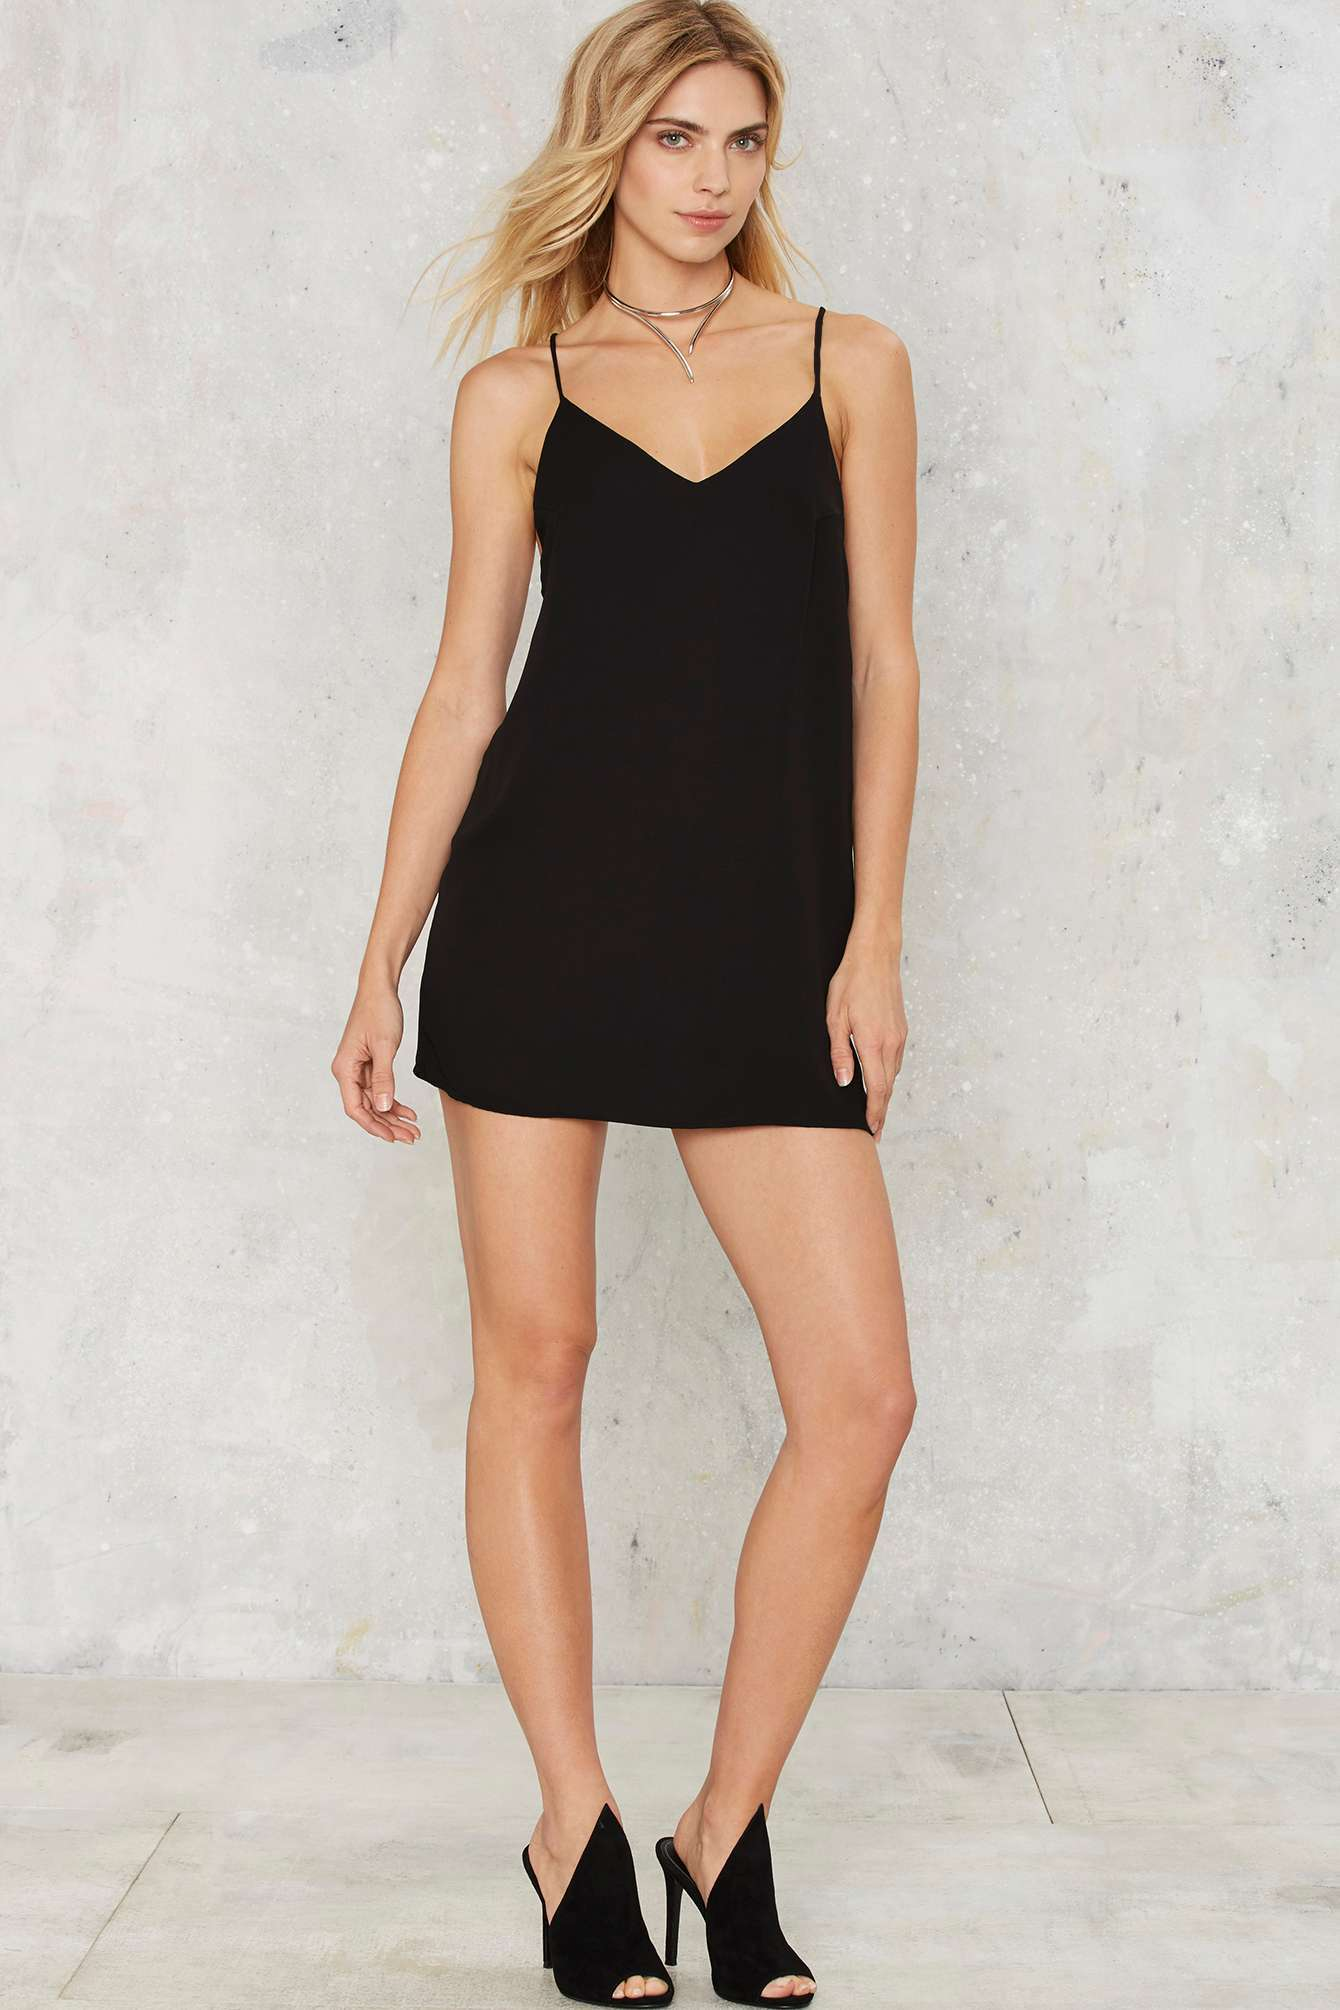 dress 5afca1a83